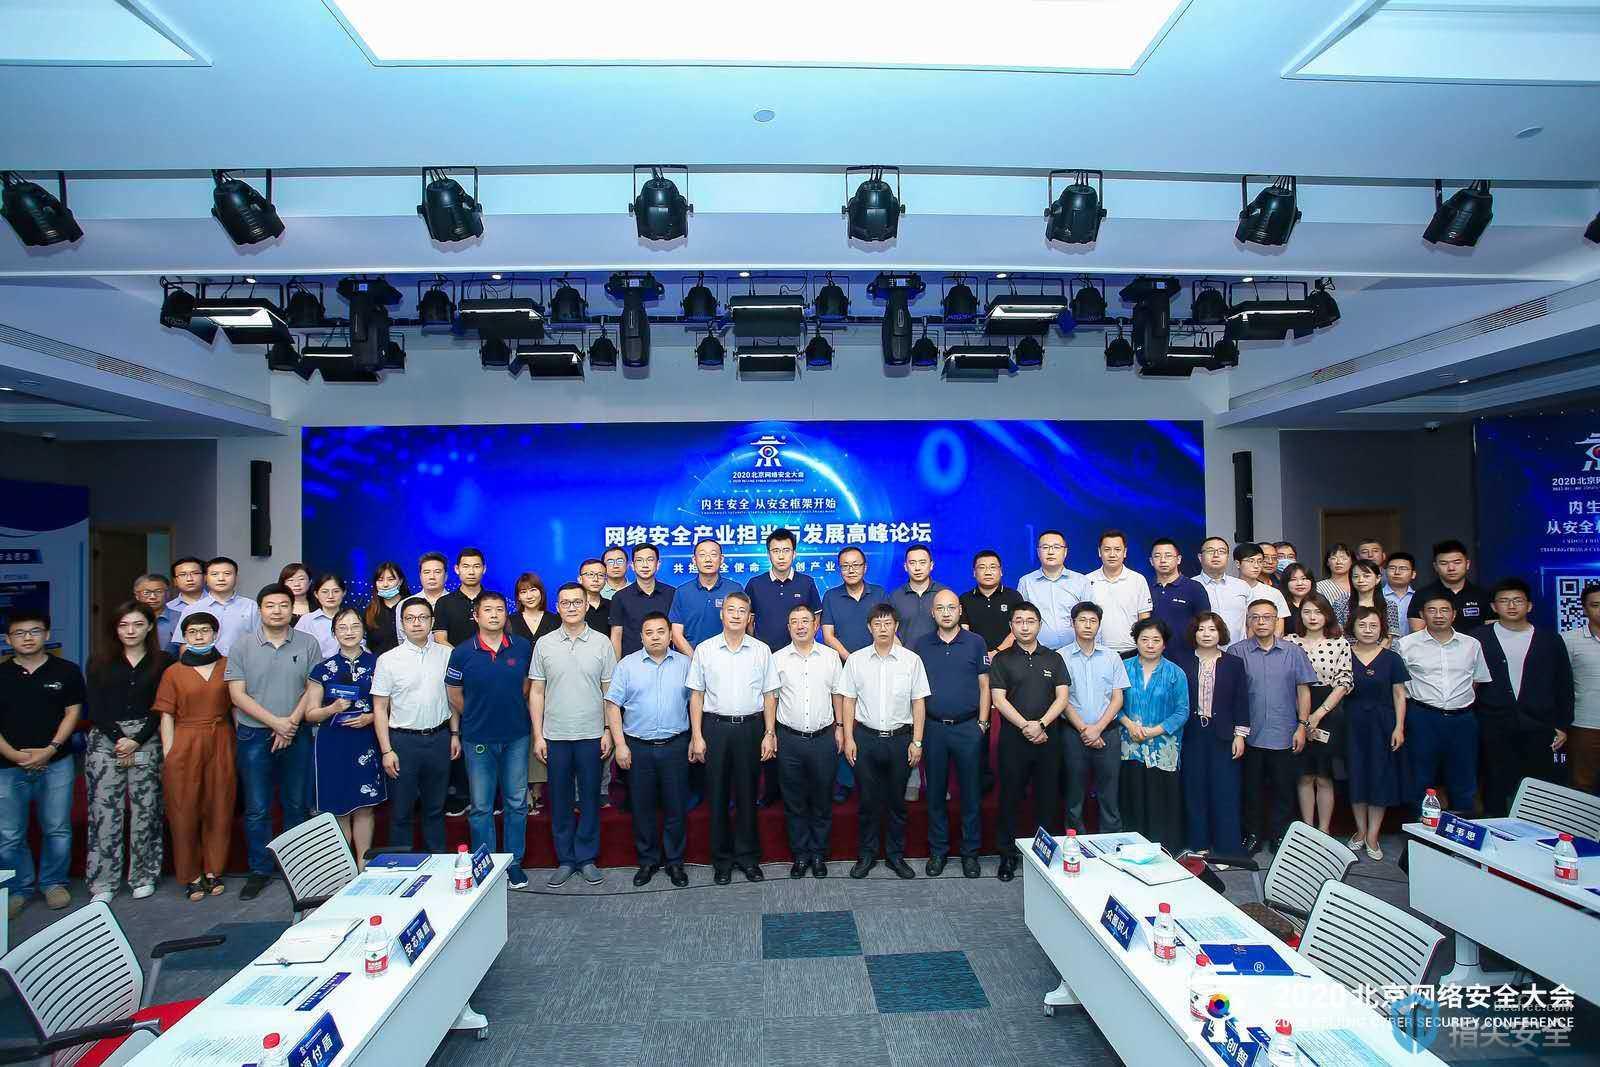 【BCS 2020】融合产业,创新未来,齐安科技共担当!